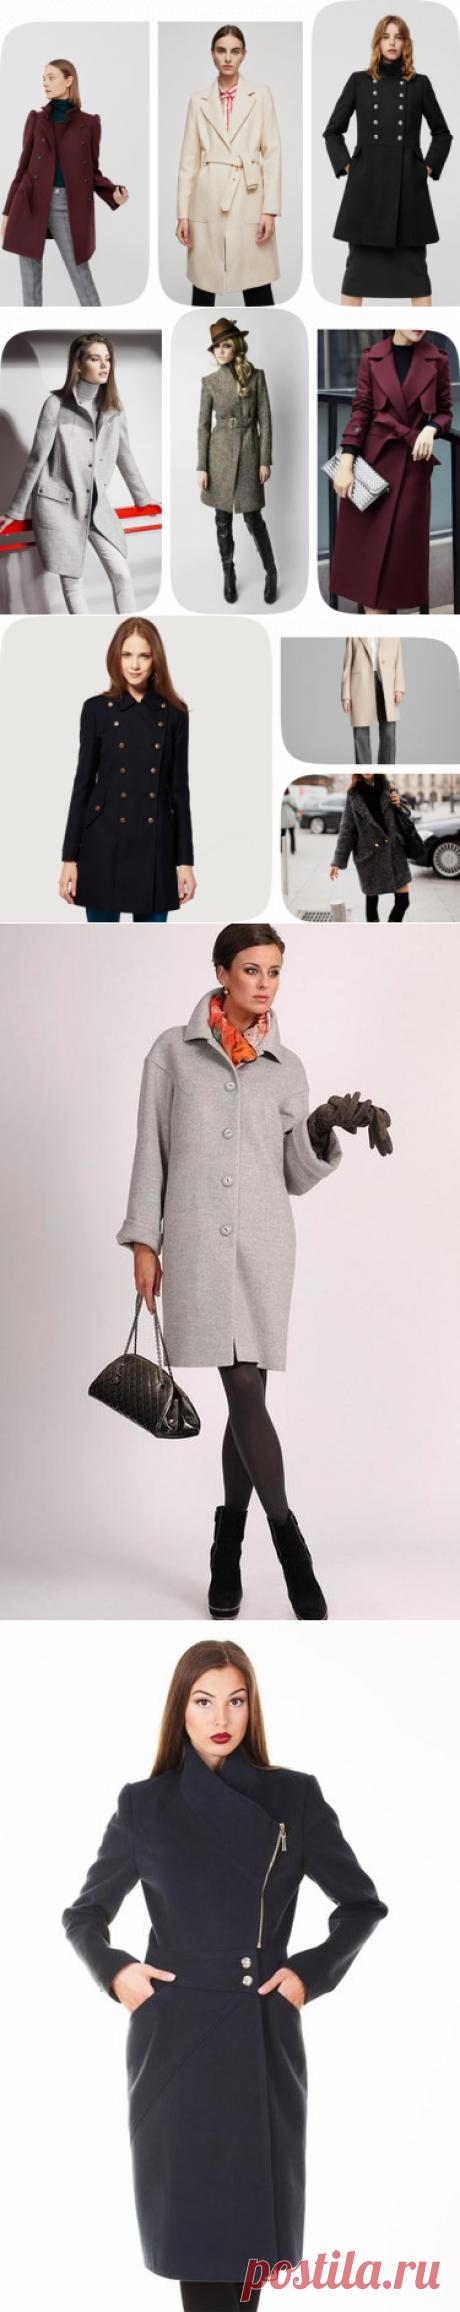 30 карточек в коллекции «Женский зимний образ в пальто» пользователя Анастасия Т. в Яндекс.Коллекциях